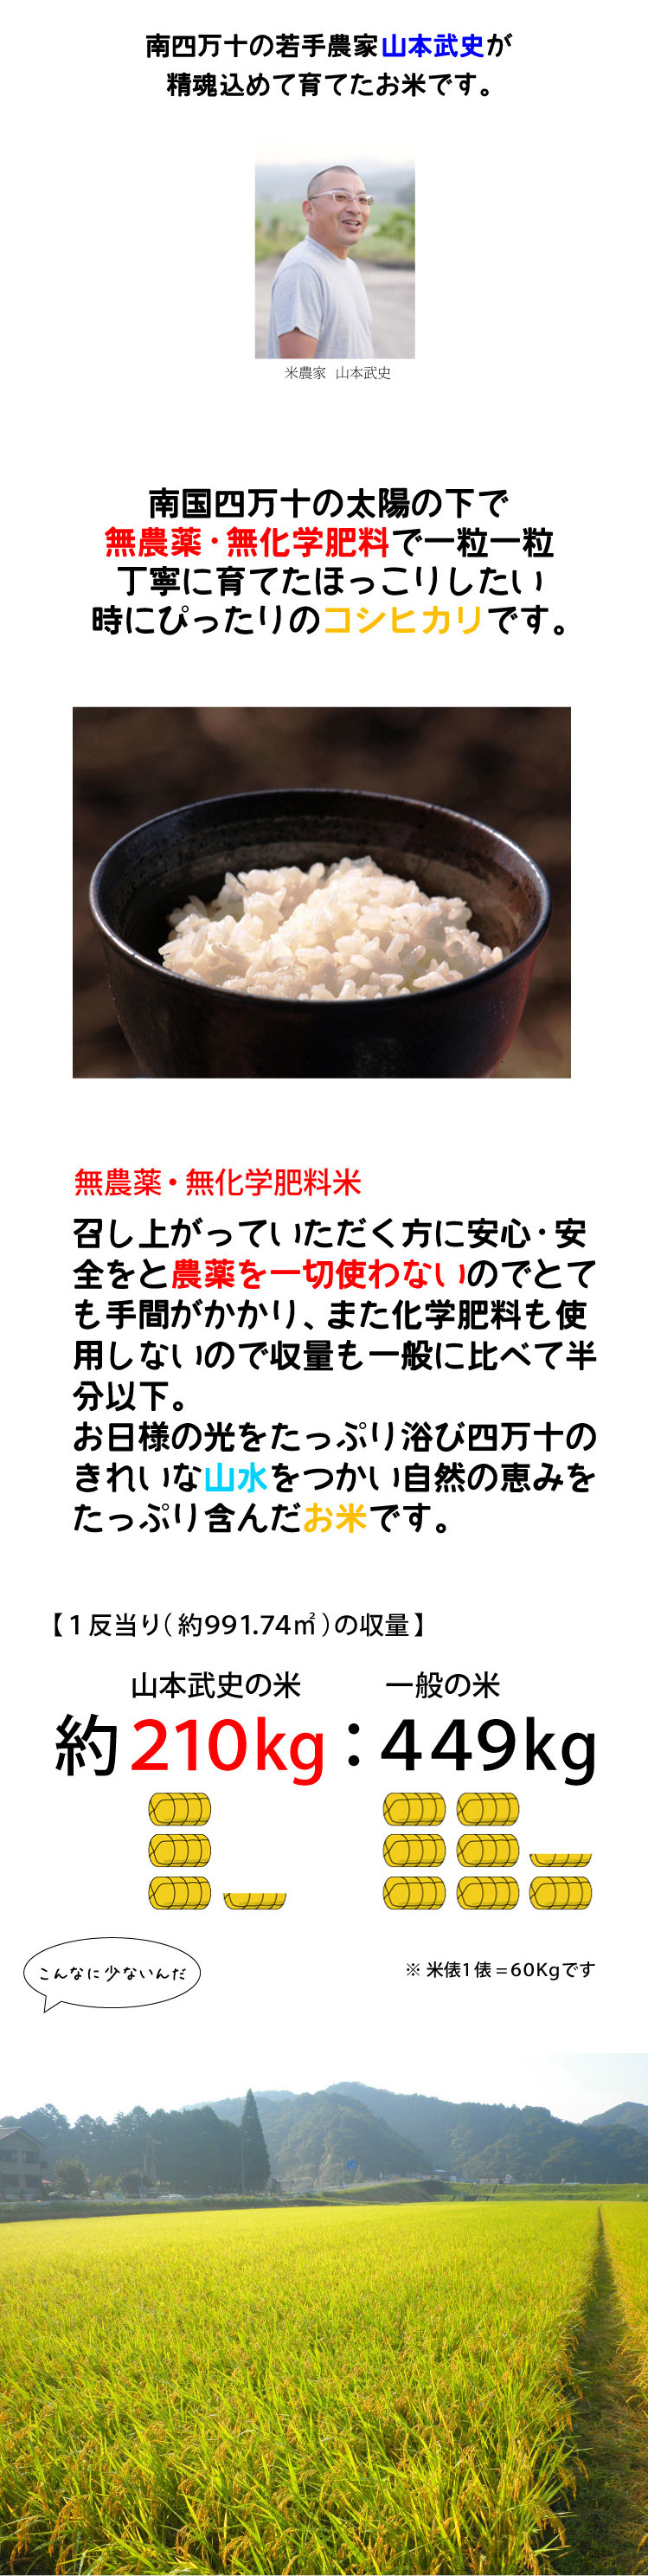 タケちゃん米説明文